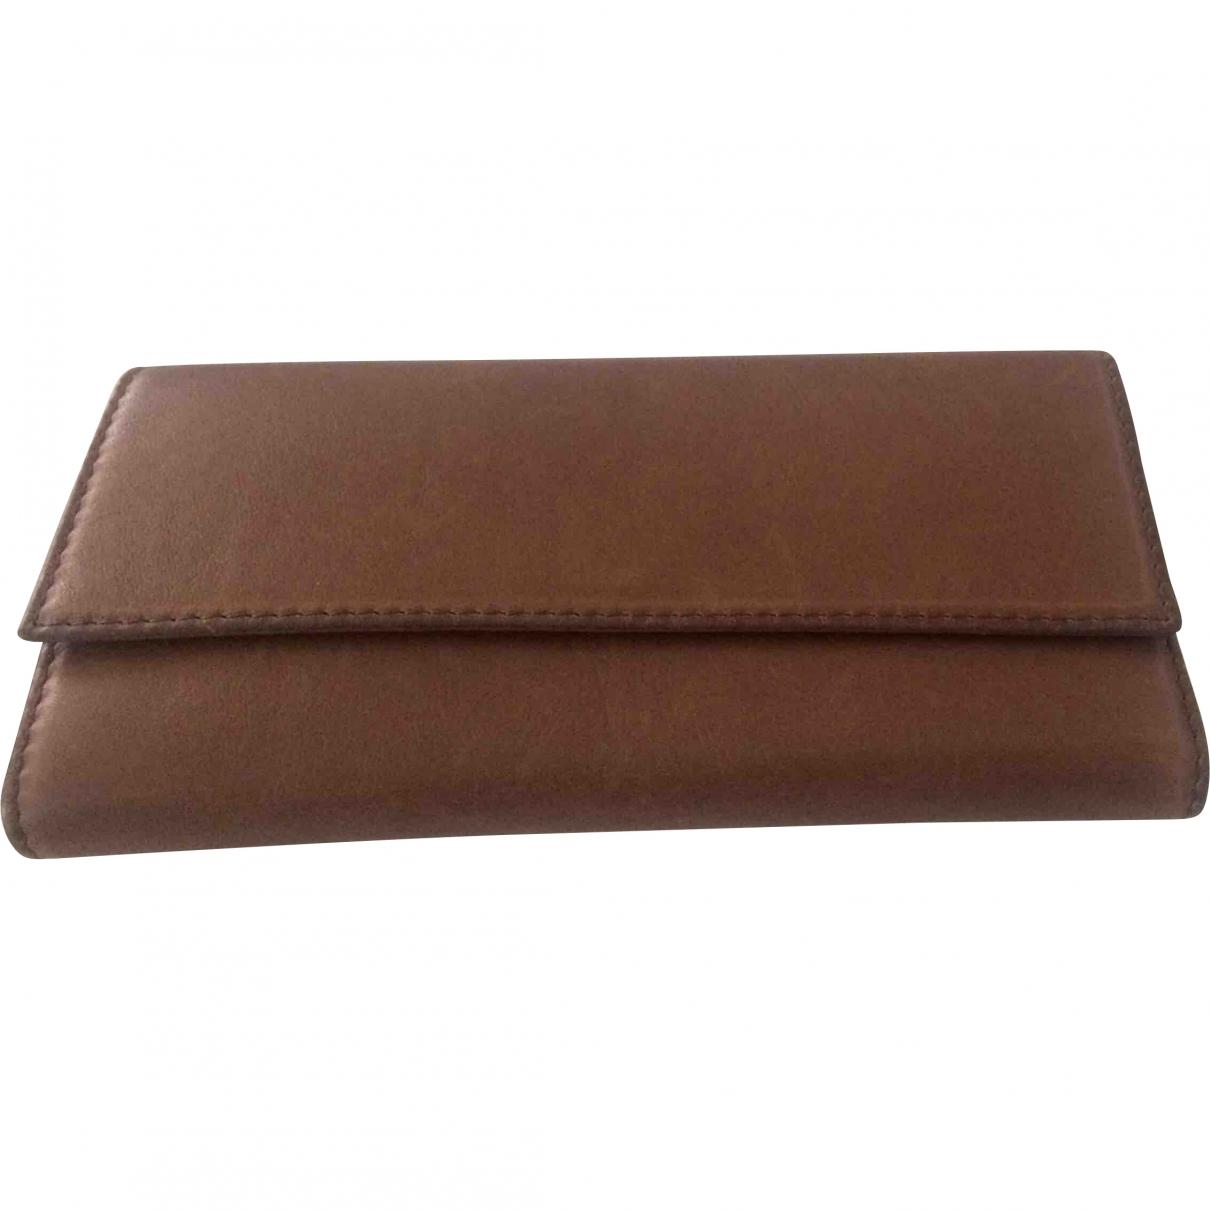 Gerard Darel \N Brown Leather wallet for Women \N